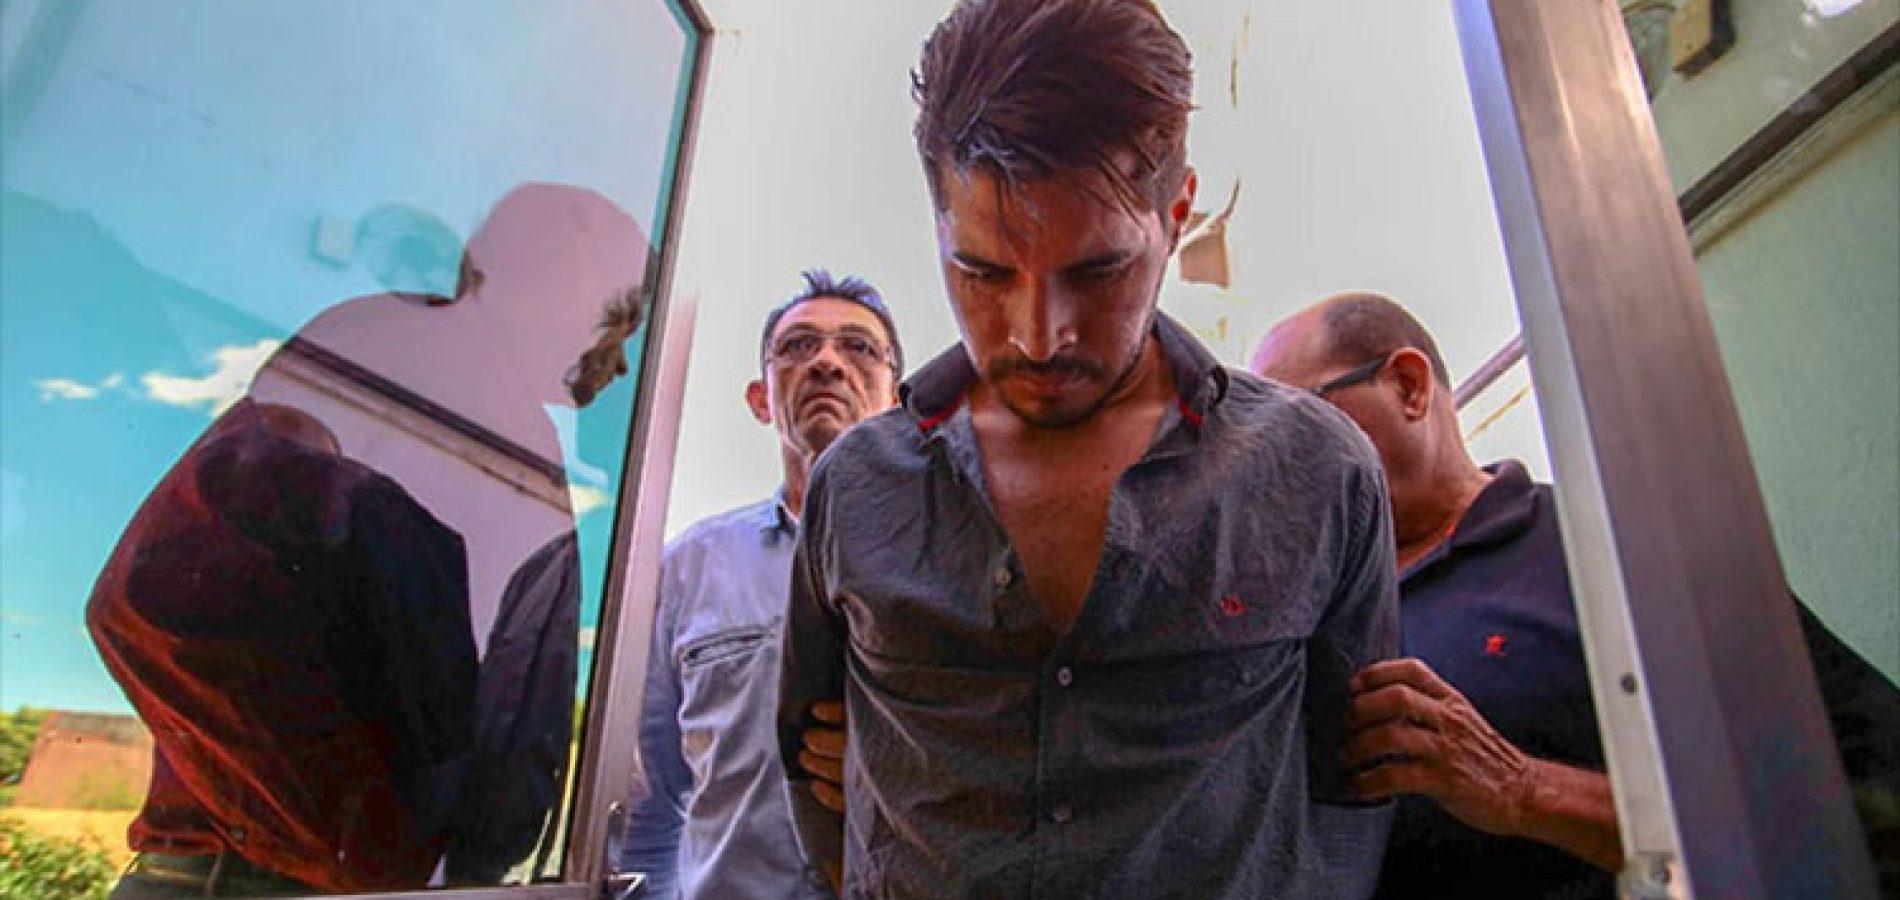 PI | Justiça nega pedido de liberdade para suspeito de matar jovem de 21 anos com tiro na nuca